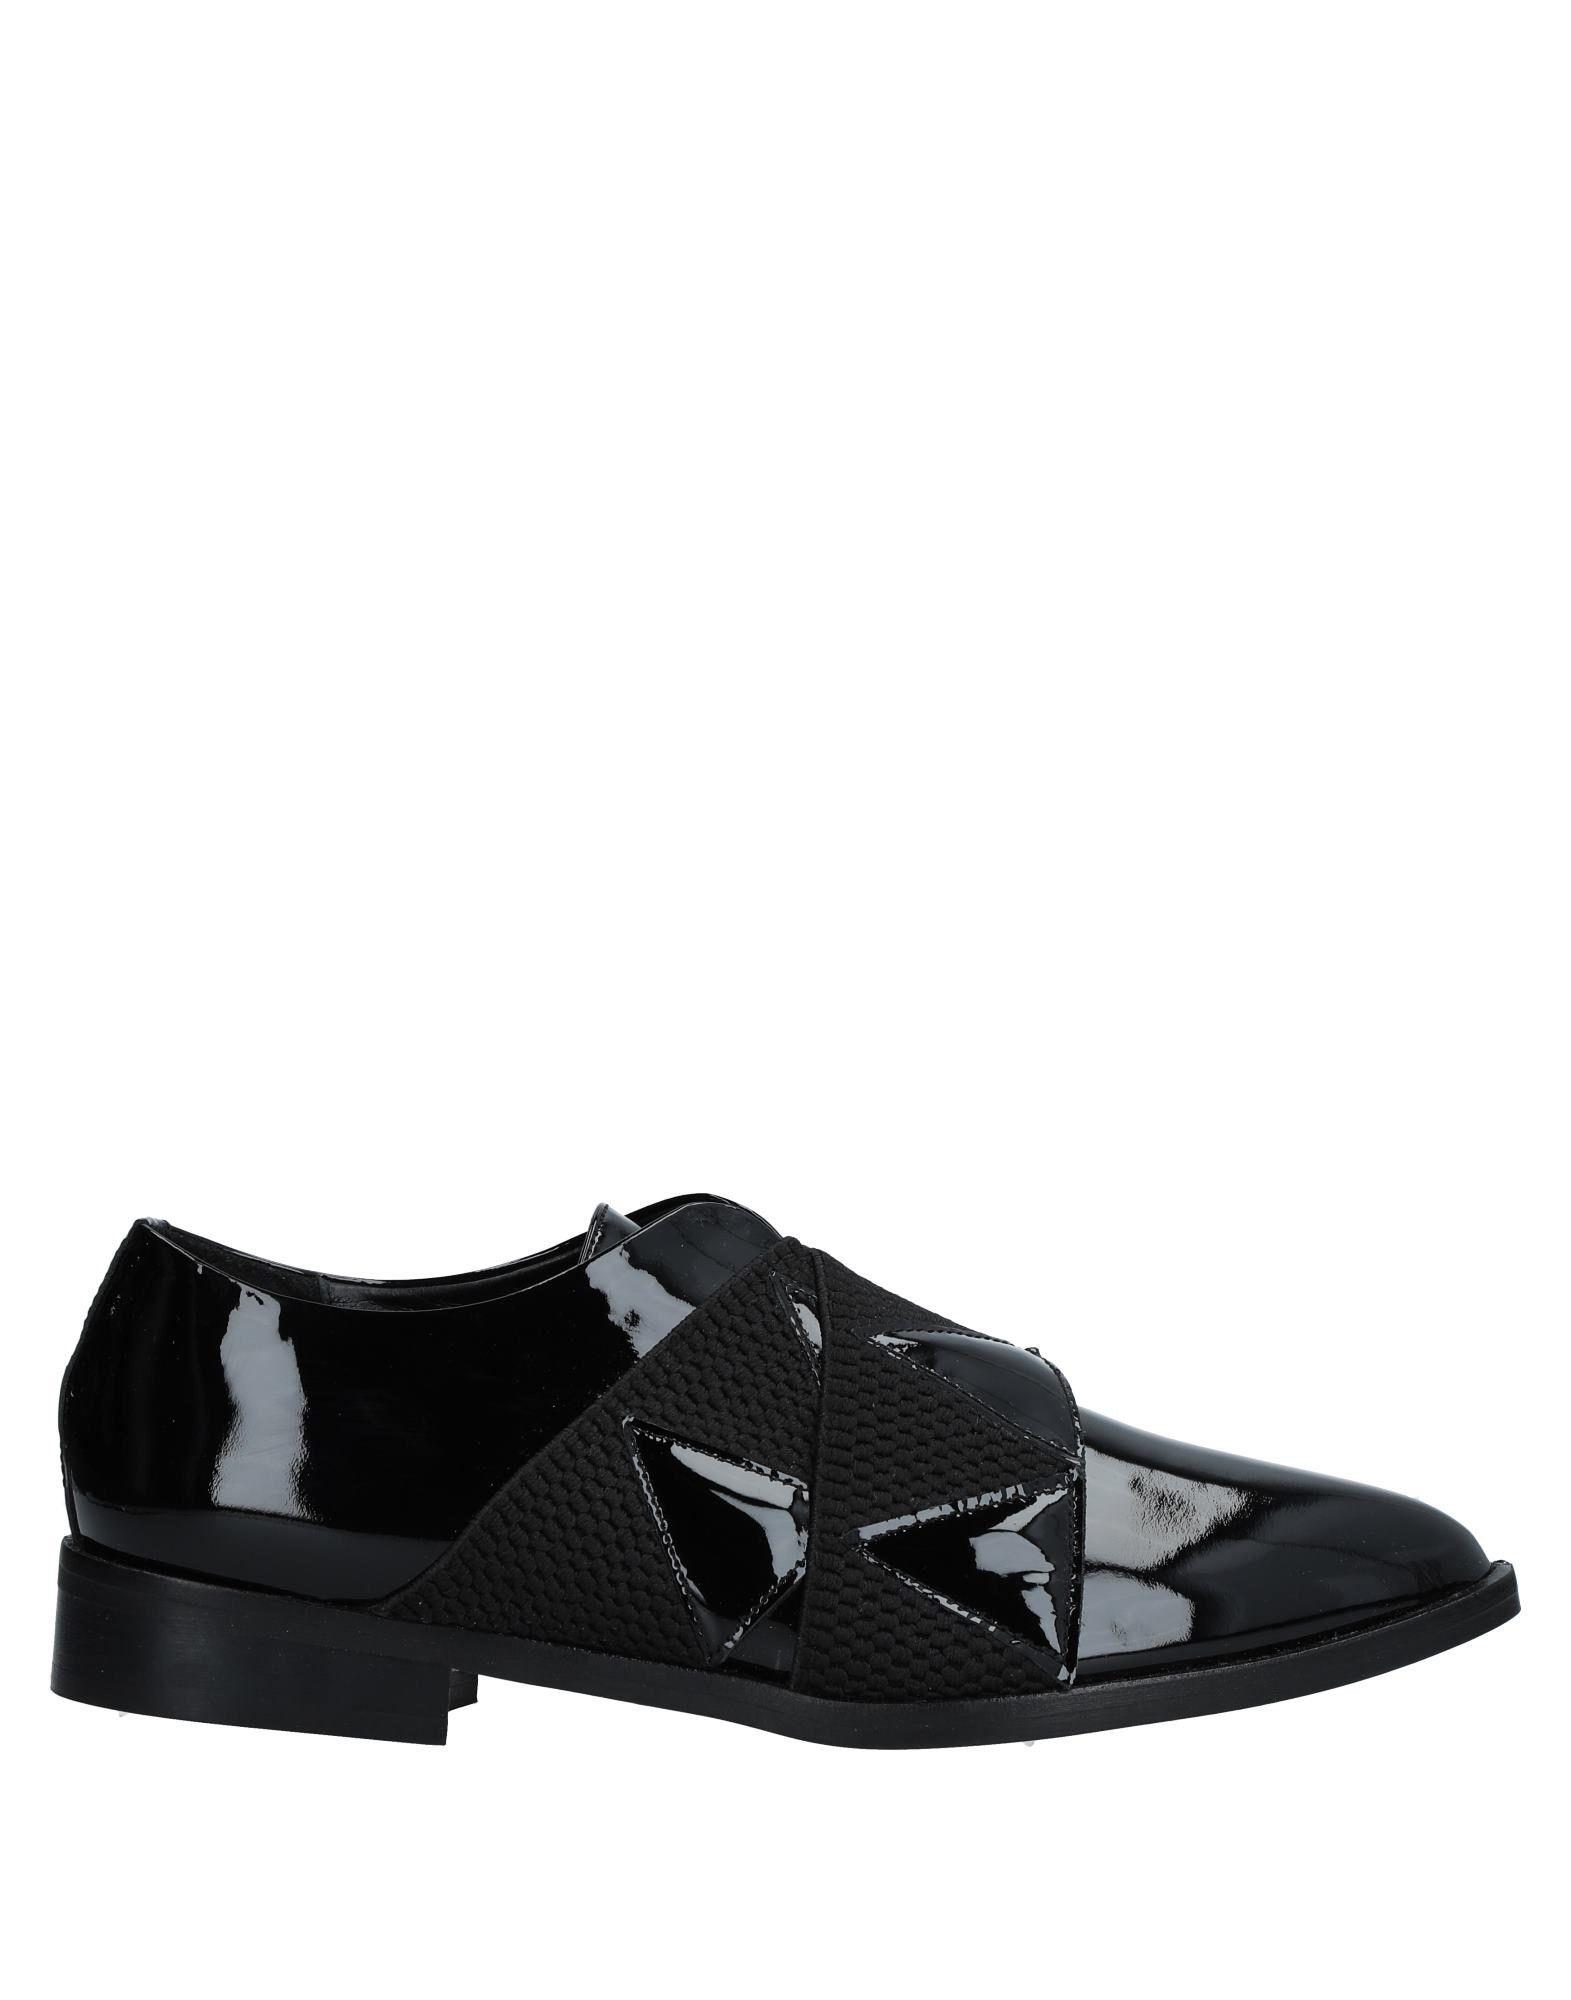 Maison Shoeshibar Mokassins Damen  11537113QE Gute Qualität beliebte Schuhe